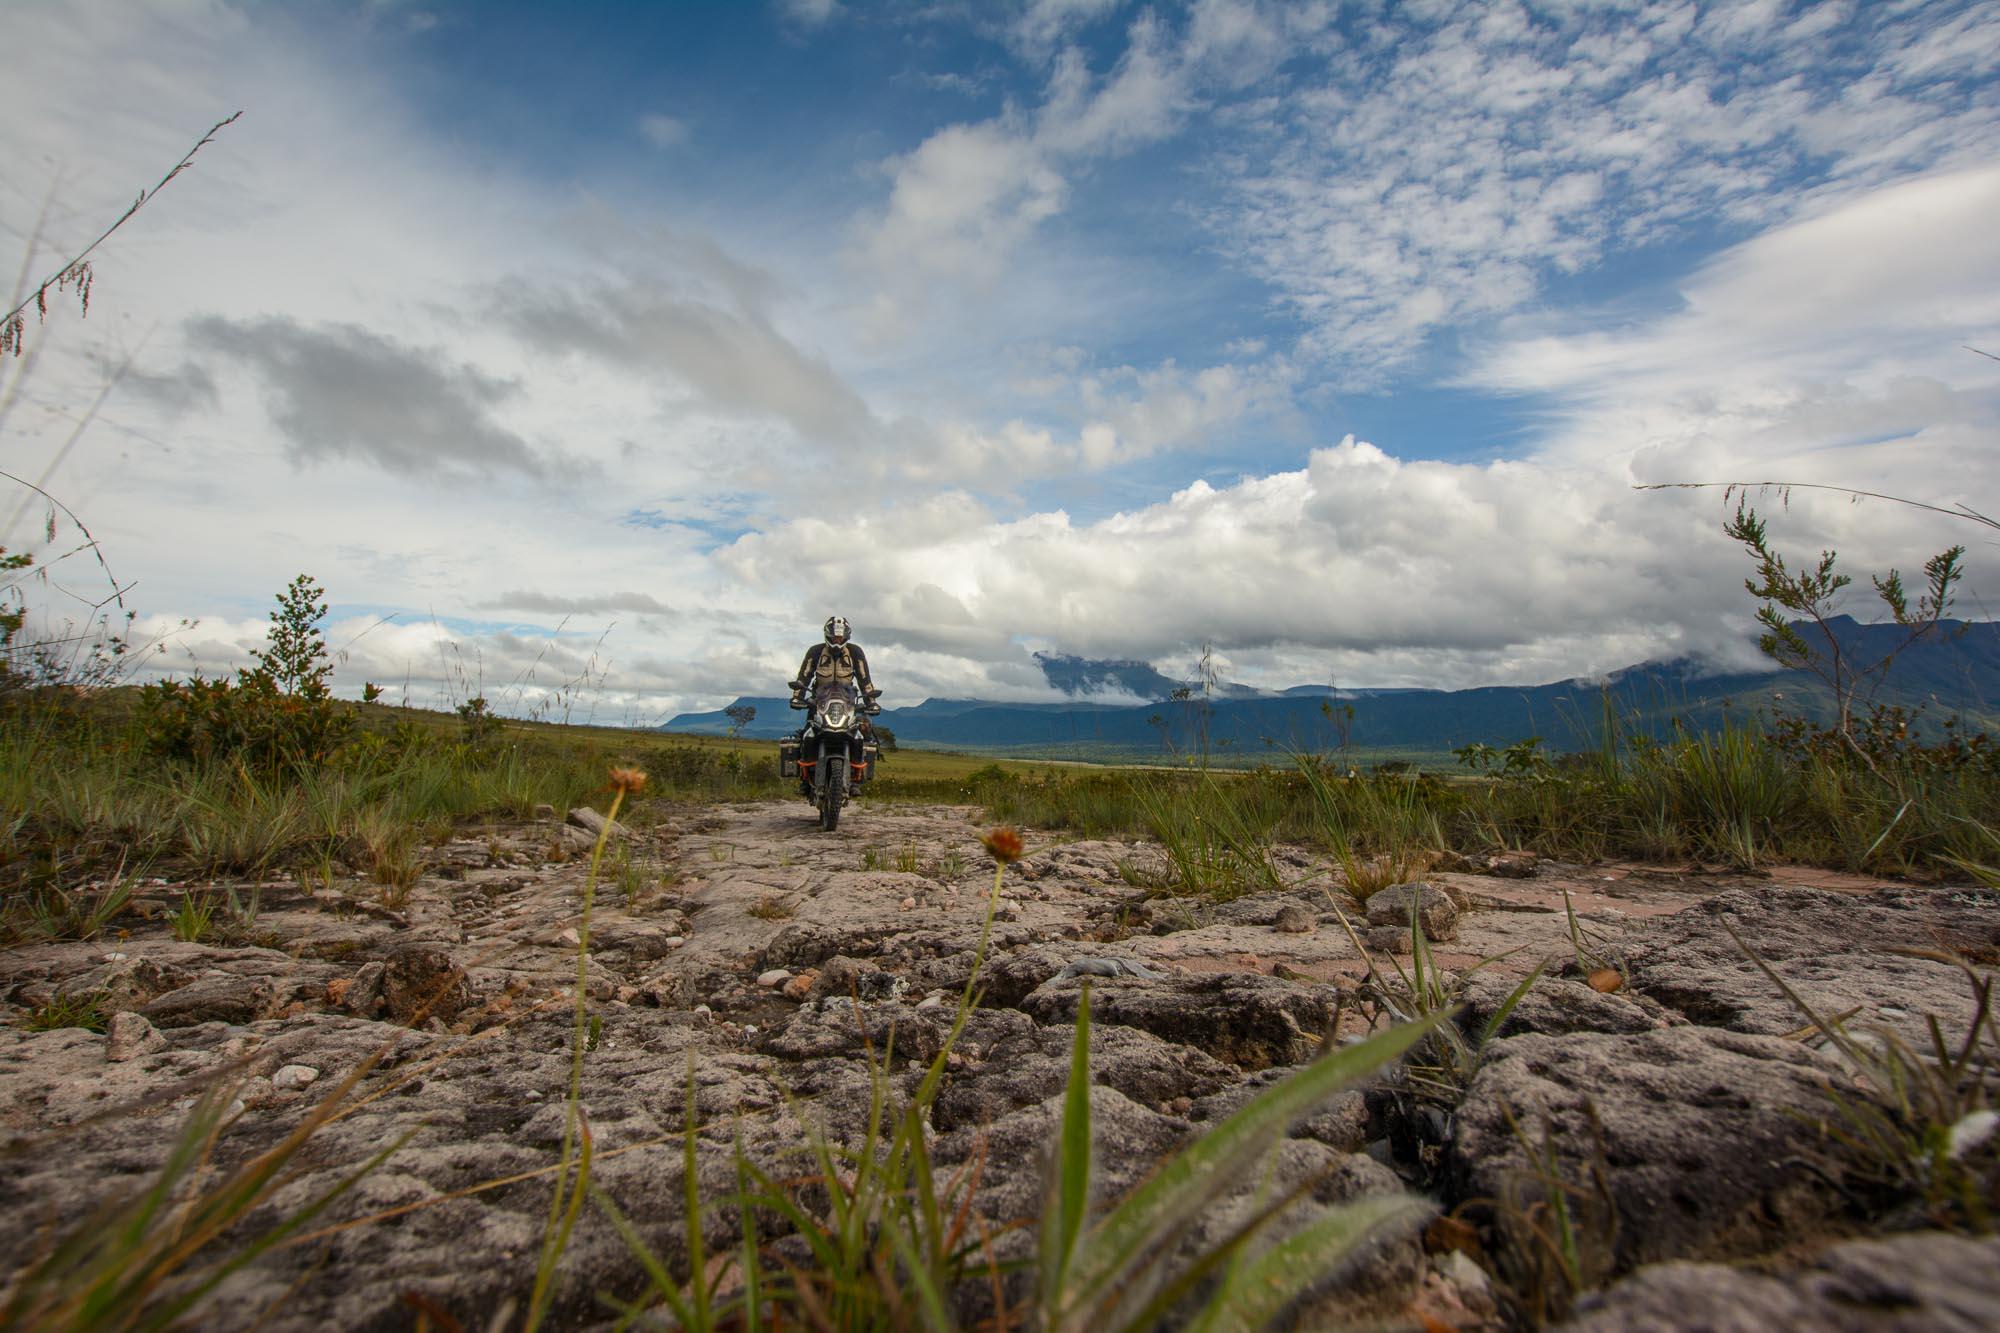 Mit dem Motorrad auf Felsen